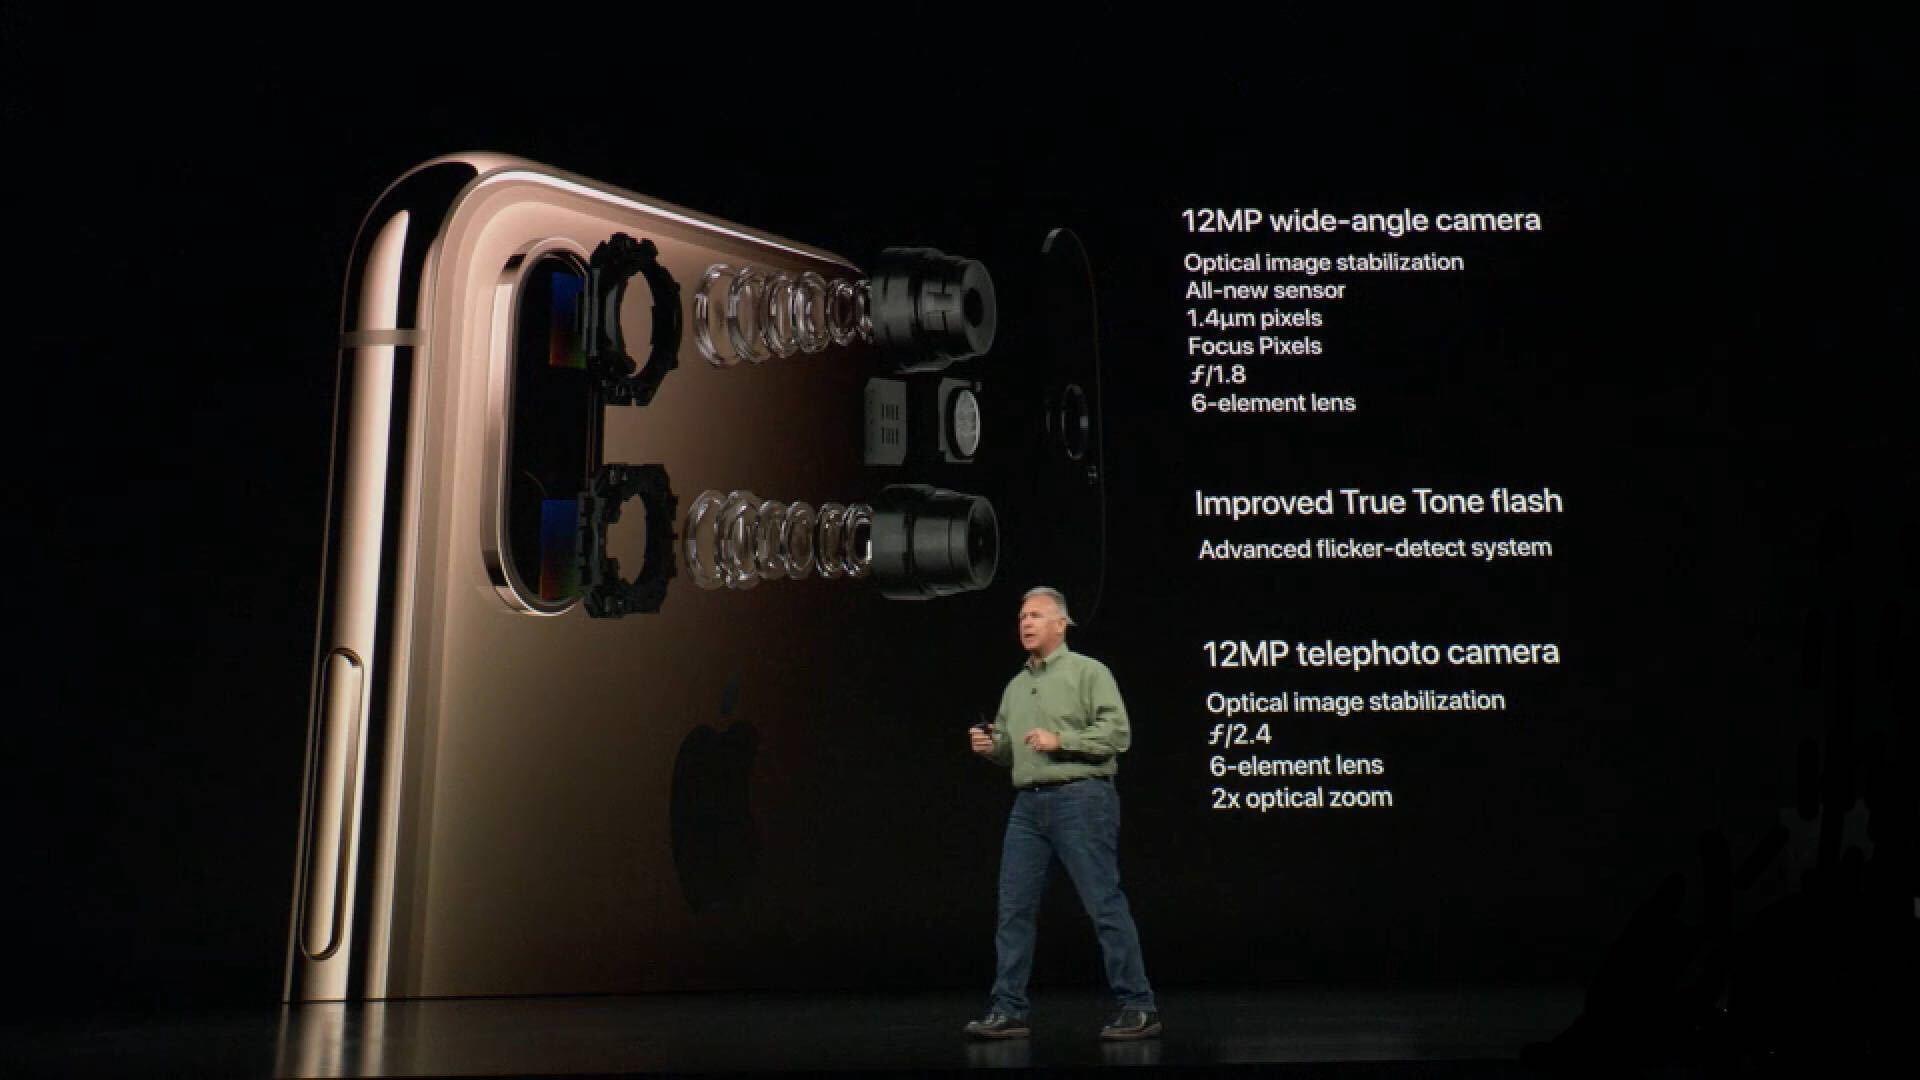 一文看懂2018苹果秋季新品发布会 新款iPhone Xs售价破万的照片 - 9